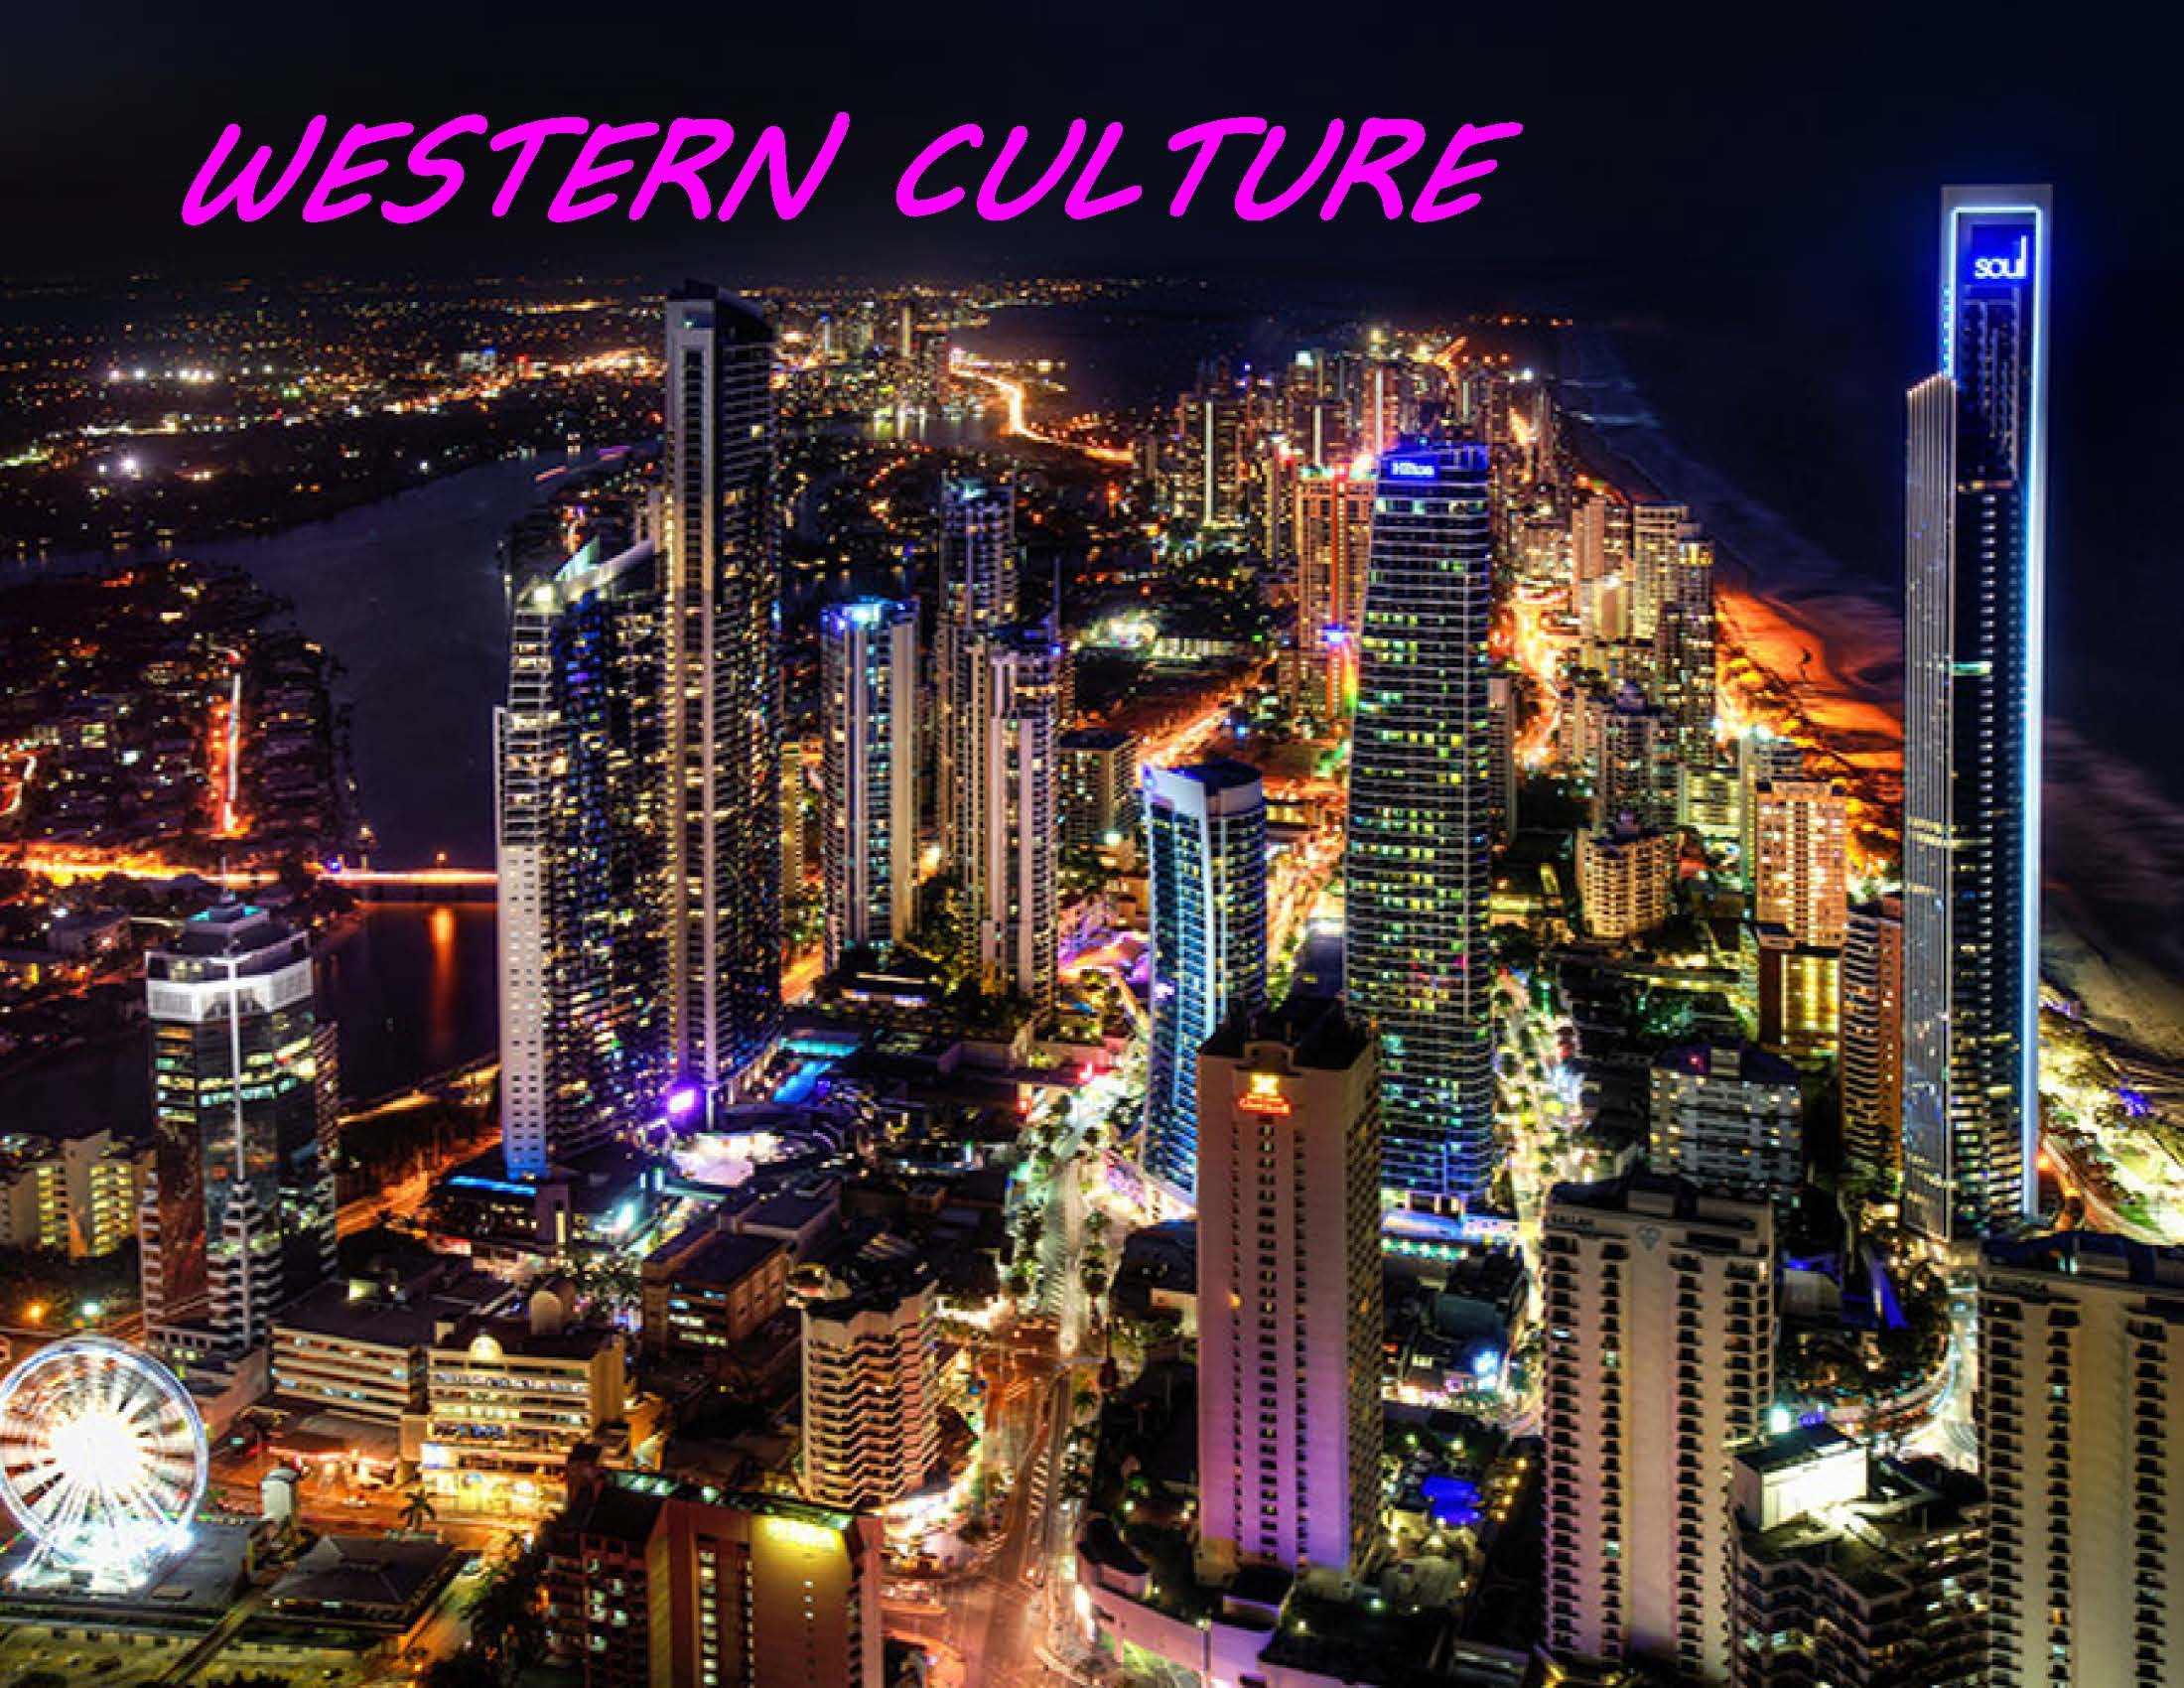 Western Culture